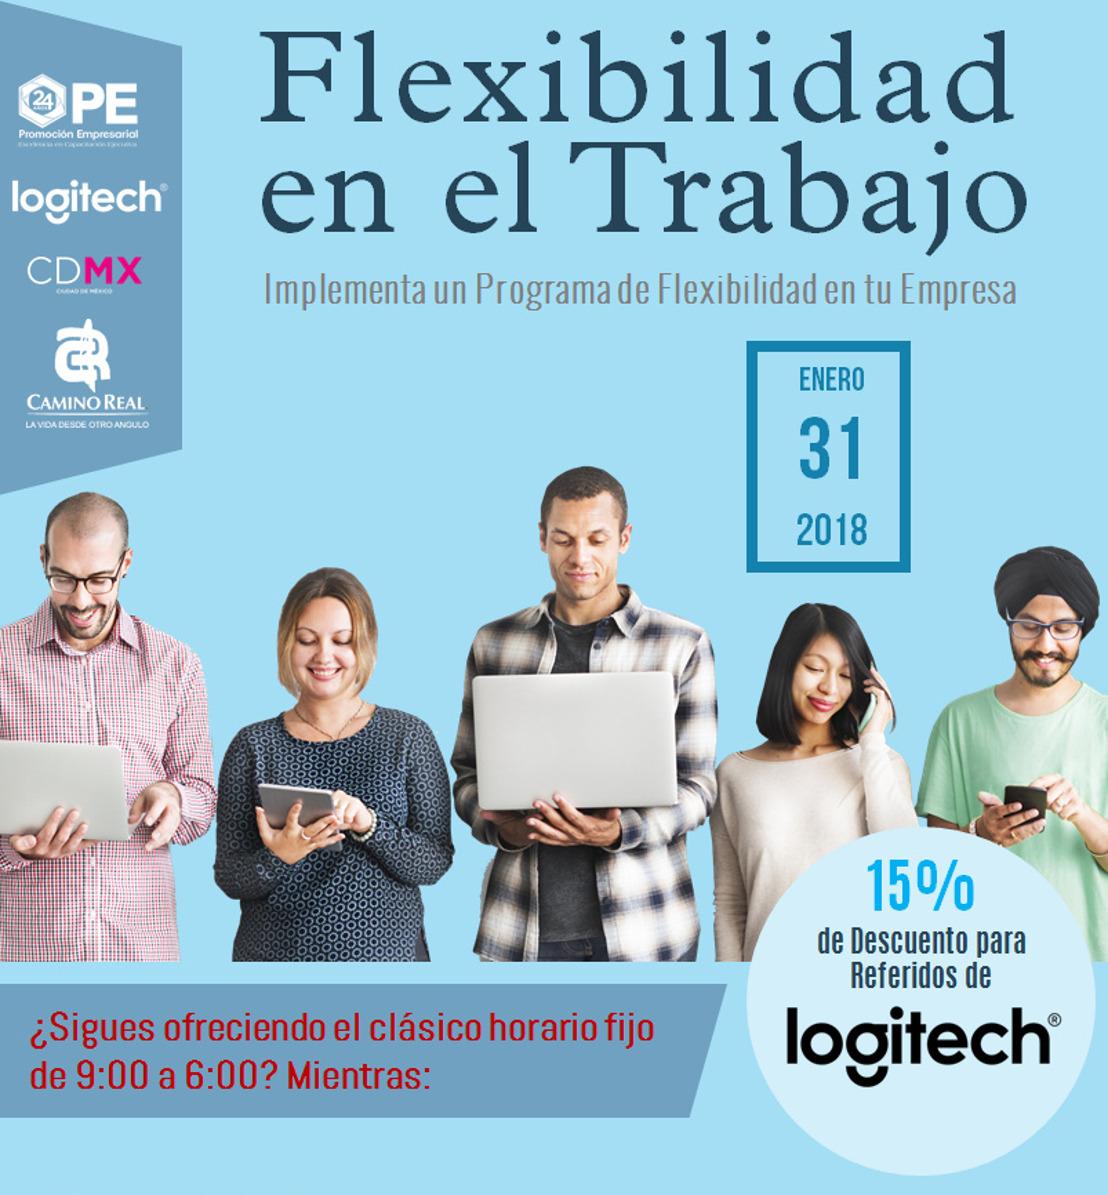 México busca más flexibilidad en el trabajo